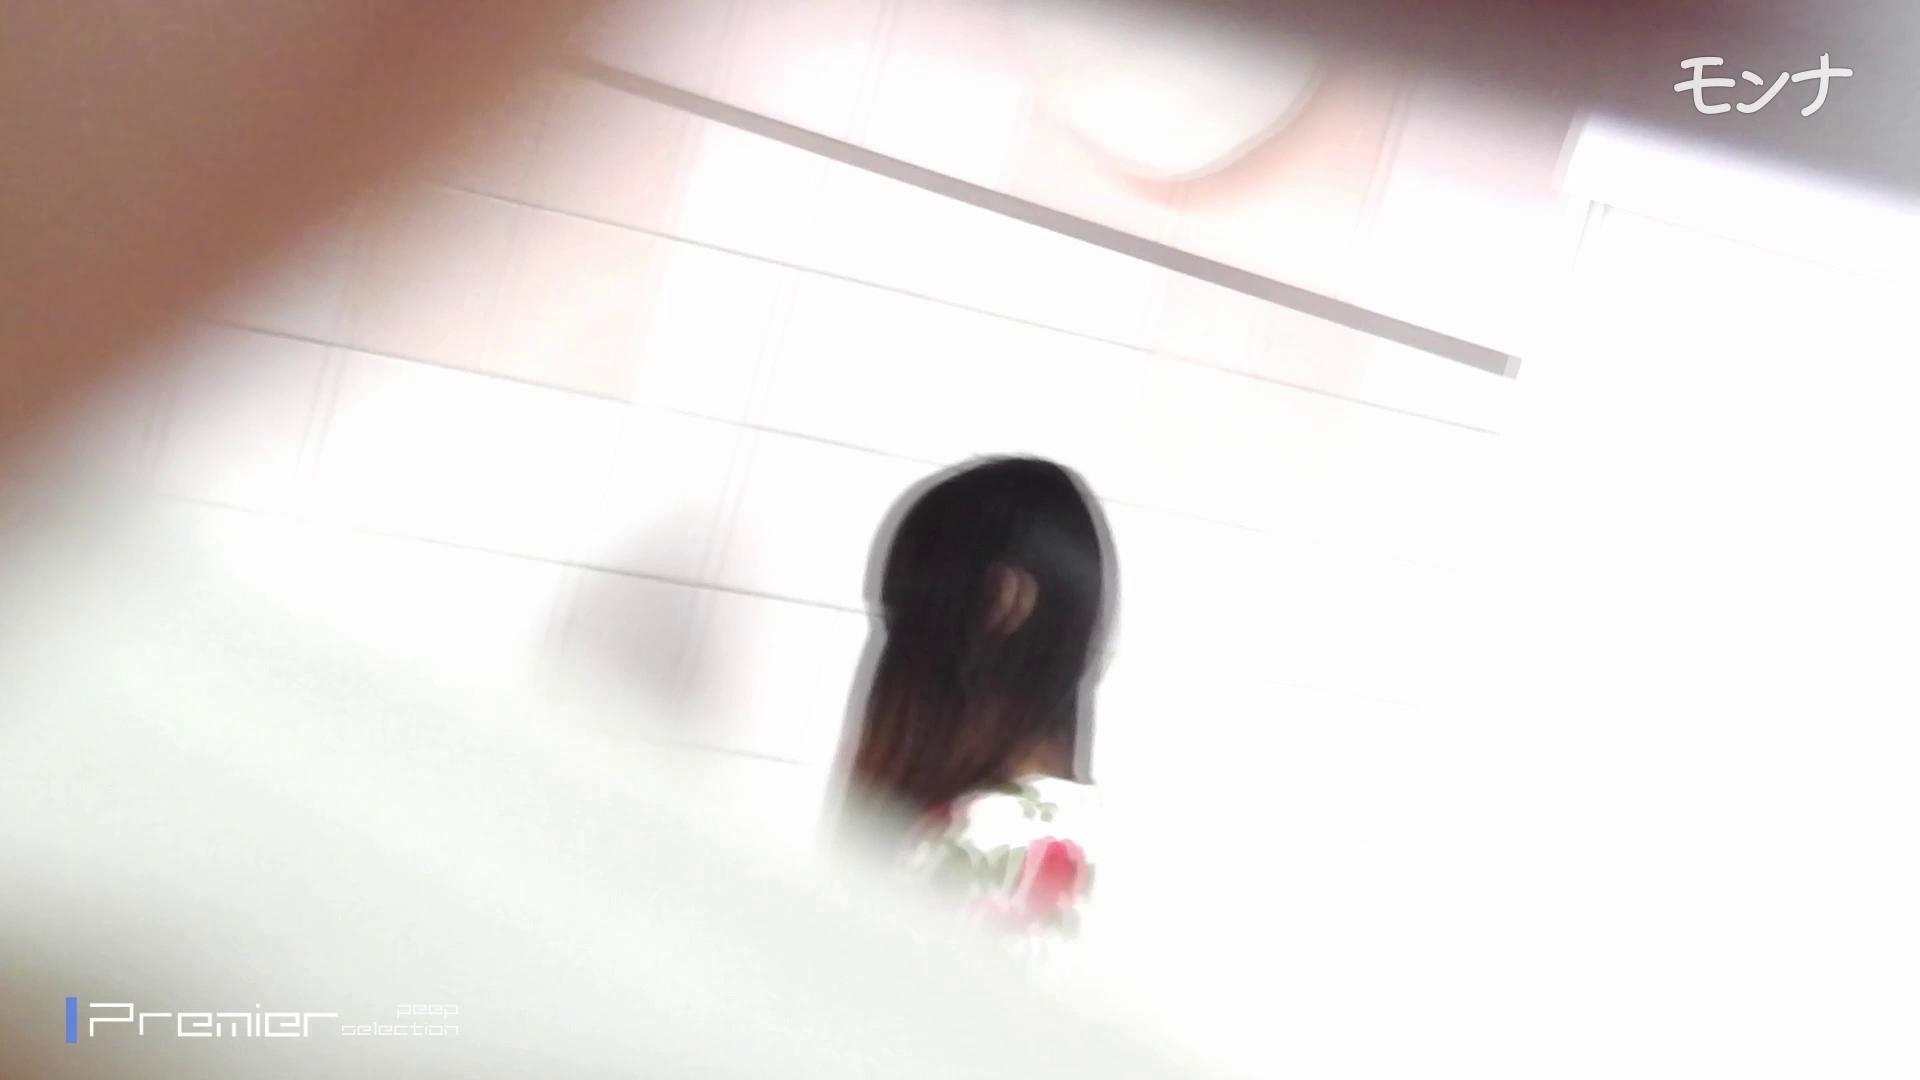 美しい日本の未来 No.55 普通の子たちの日常調長身あり セックス オマンコ無修正動画無料 104pic 24